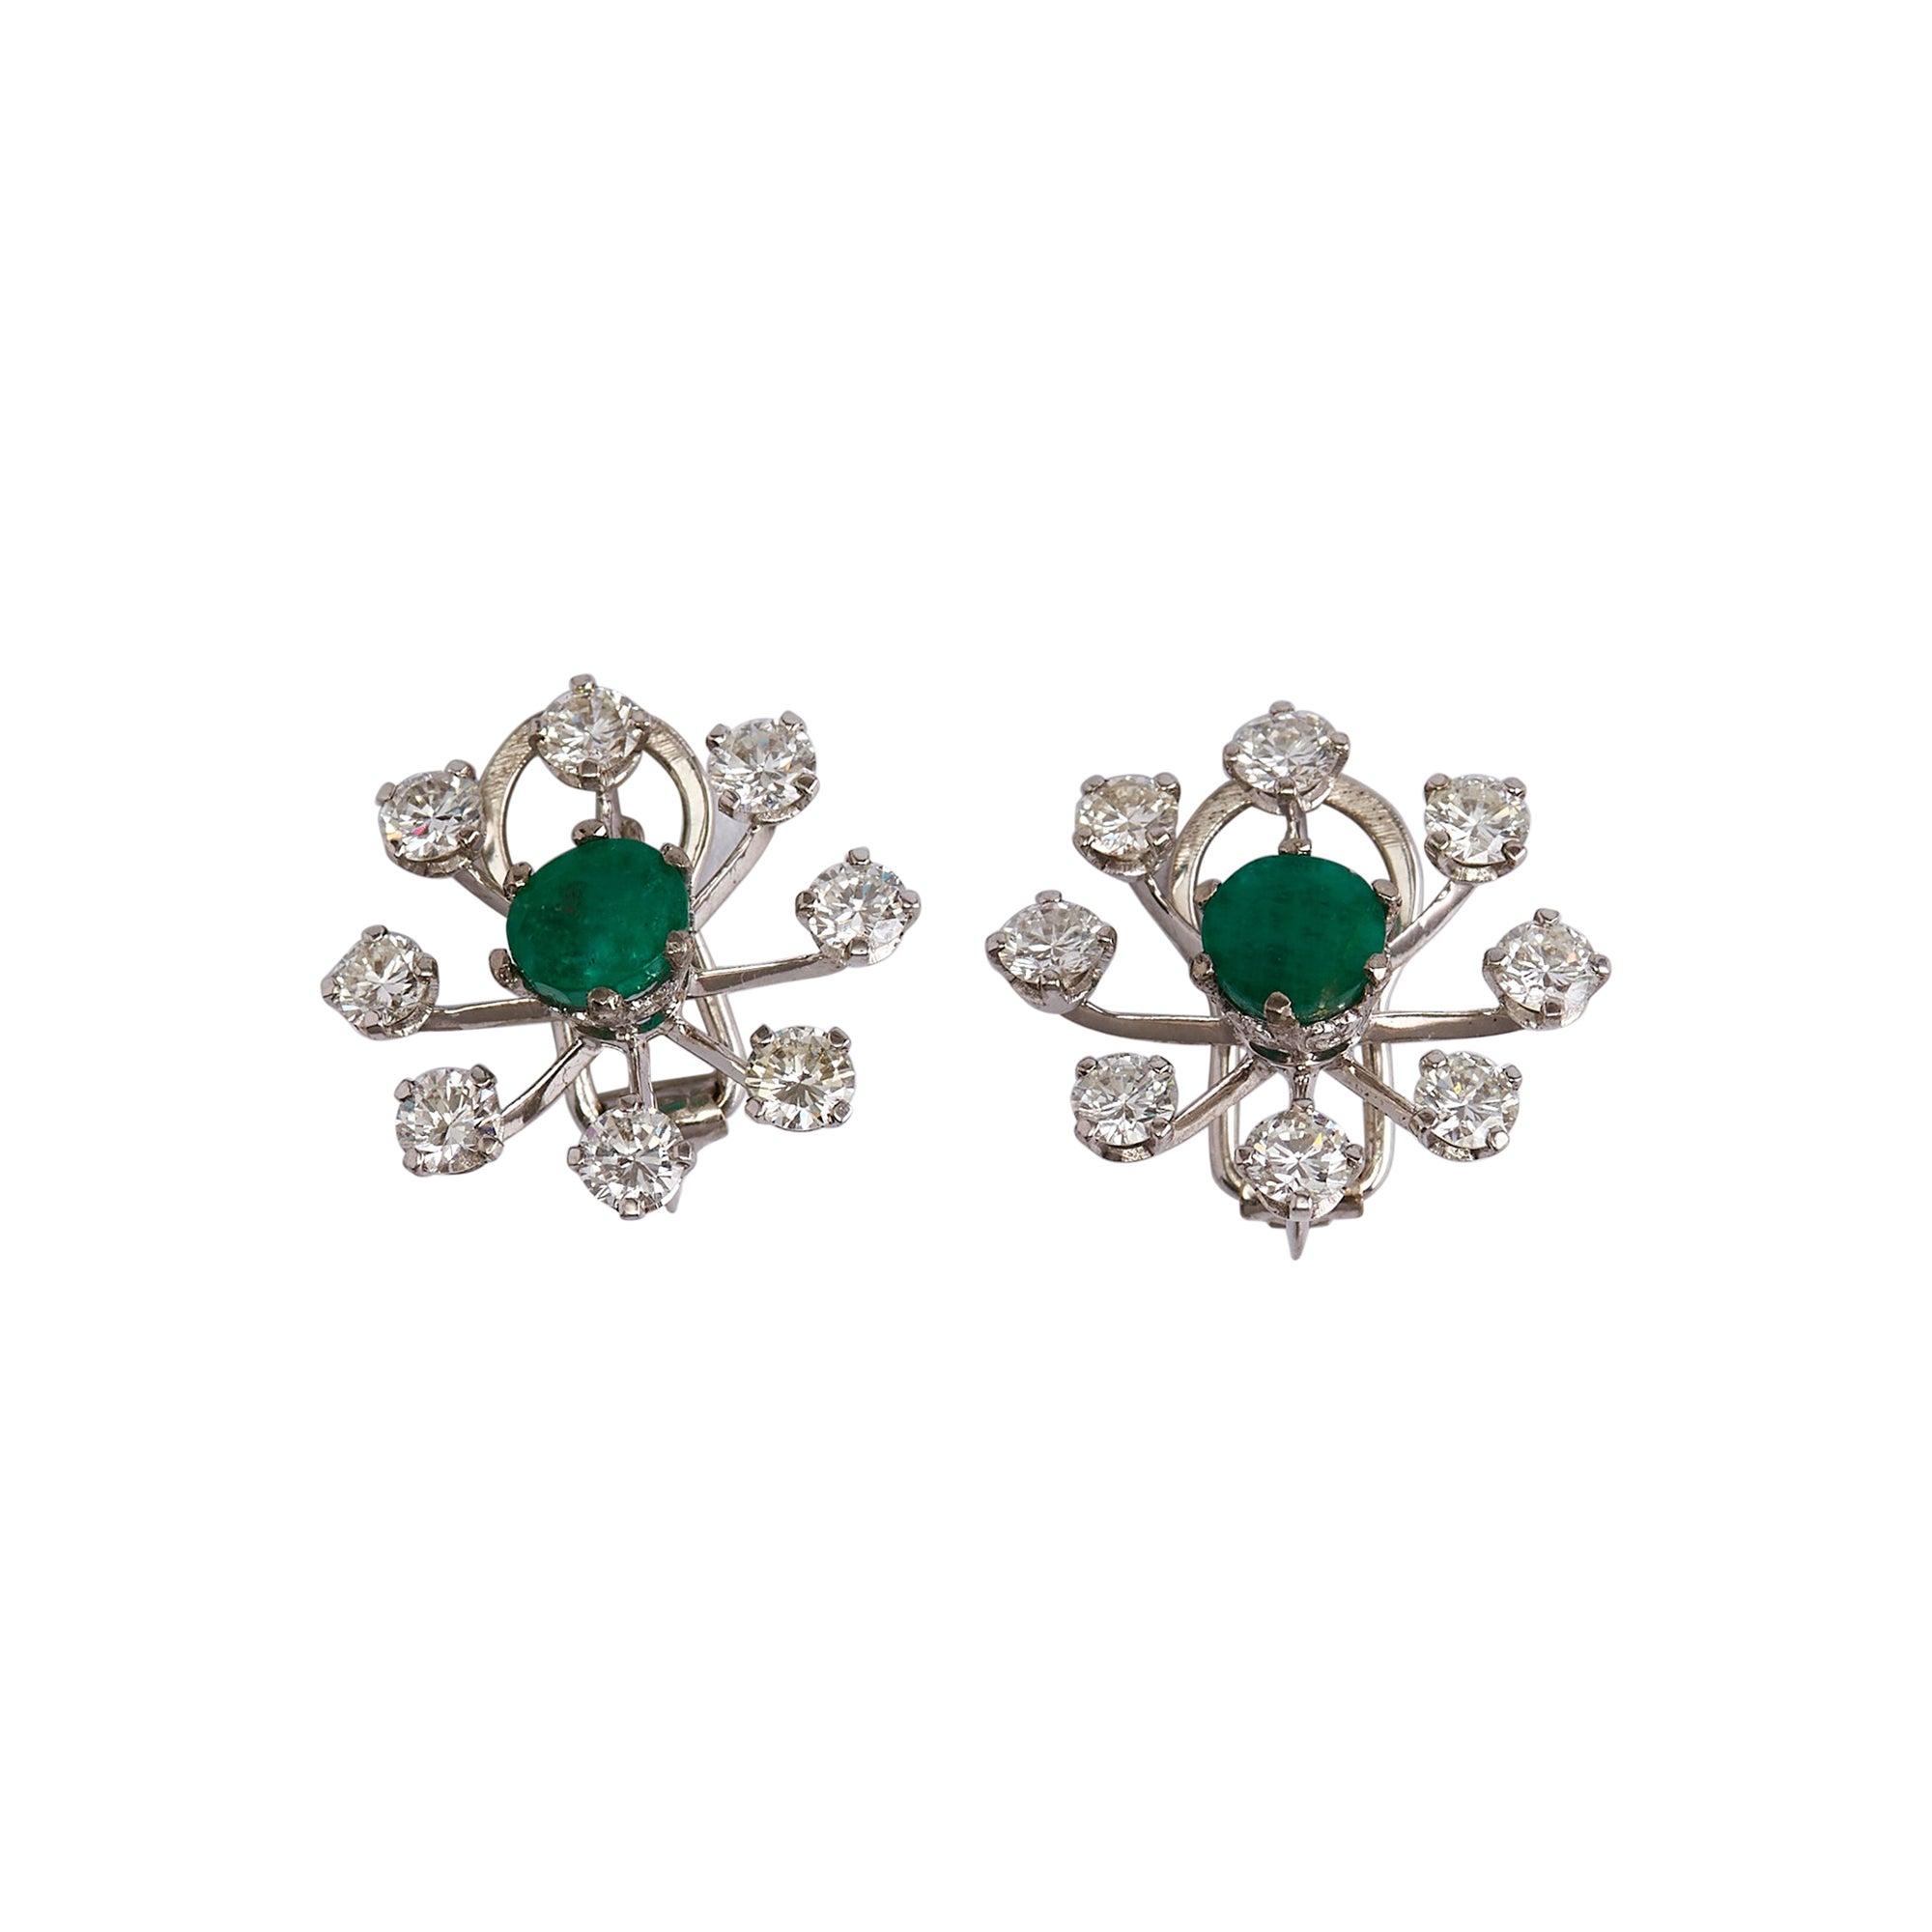 Pair of 18k White Gold Diamond and Emerald Flower Earrings